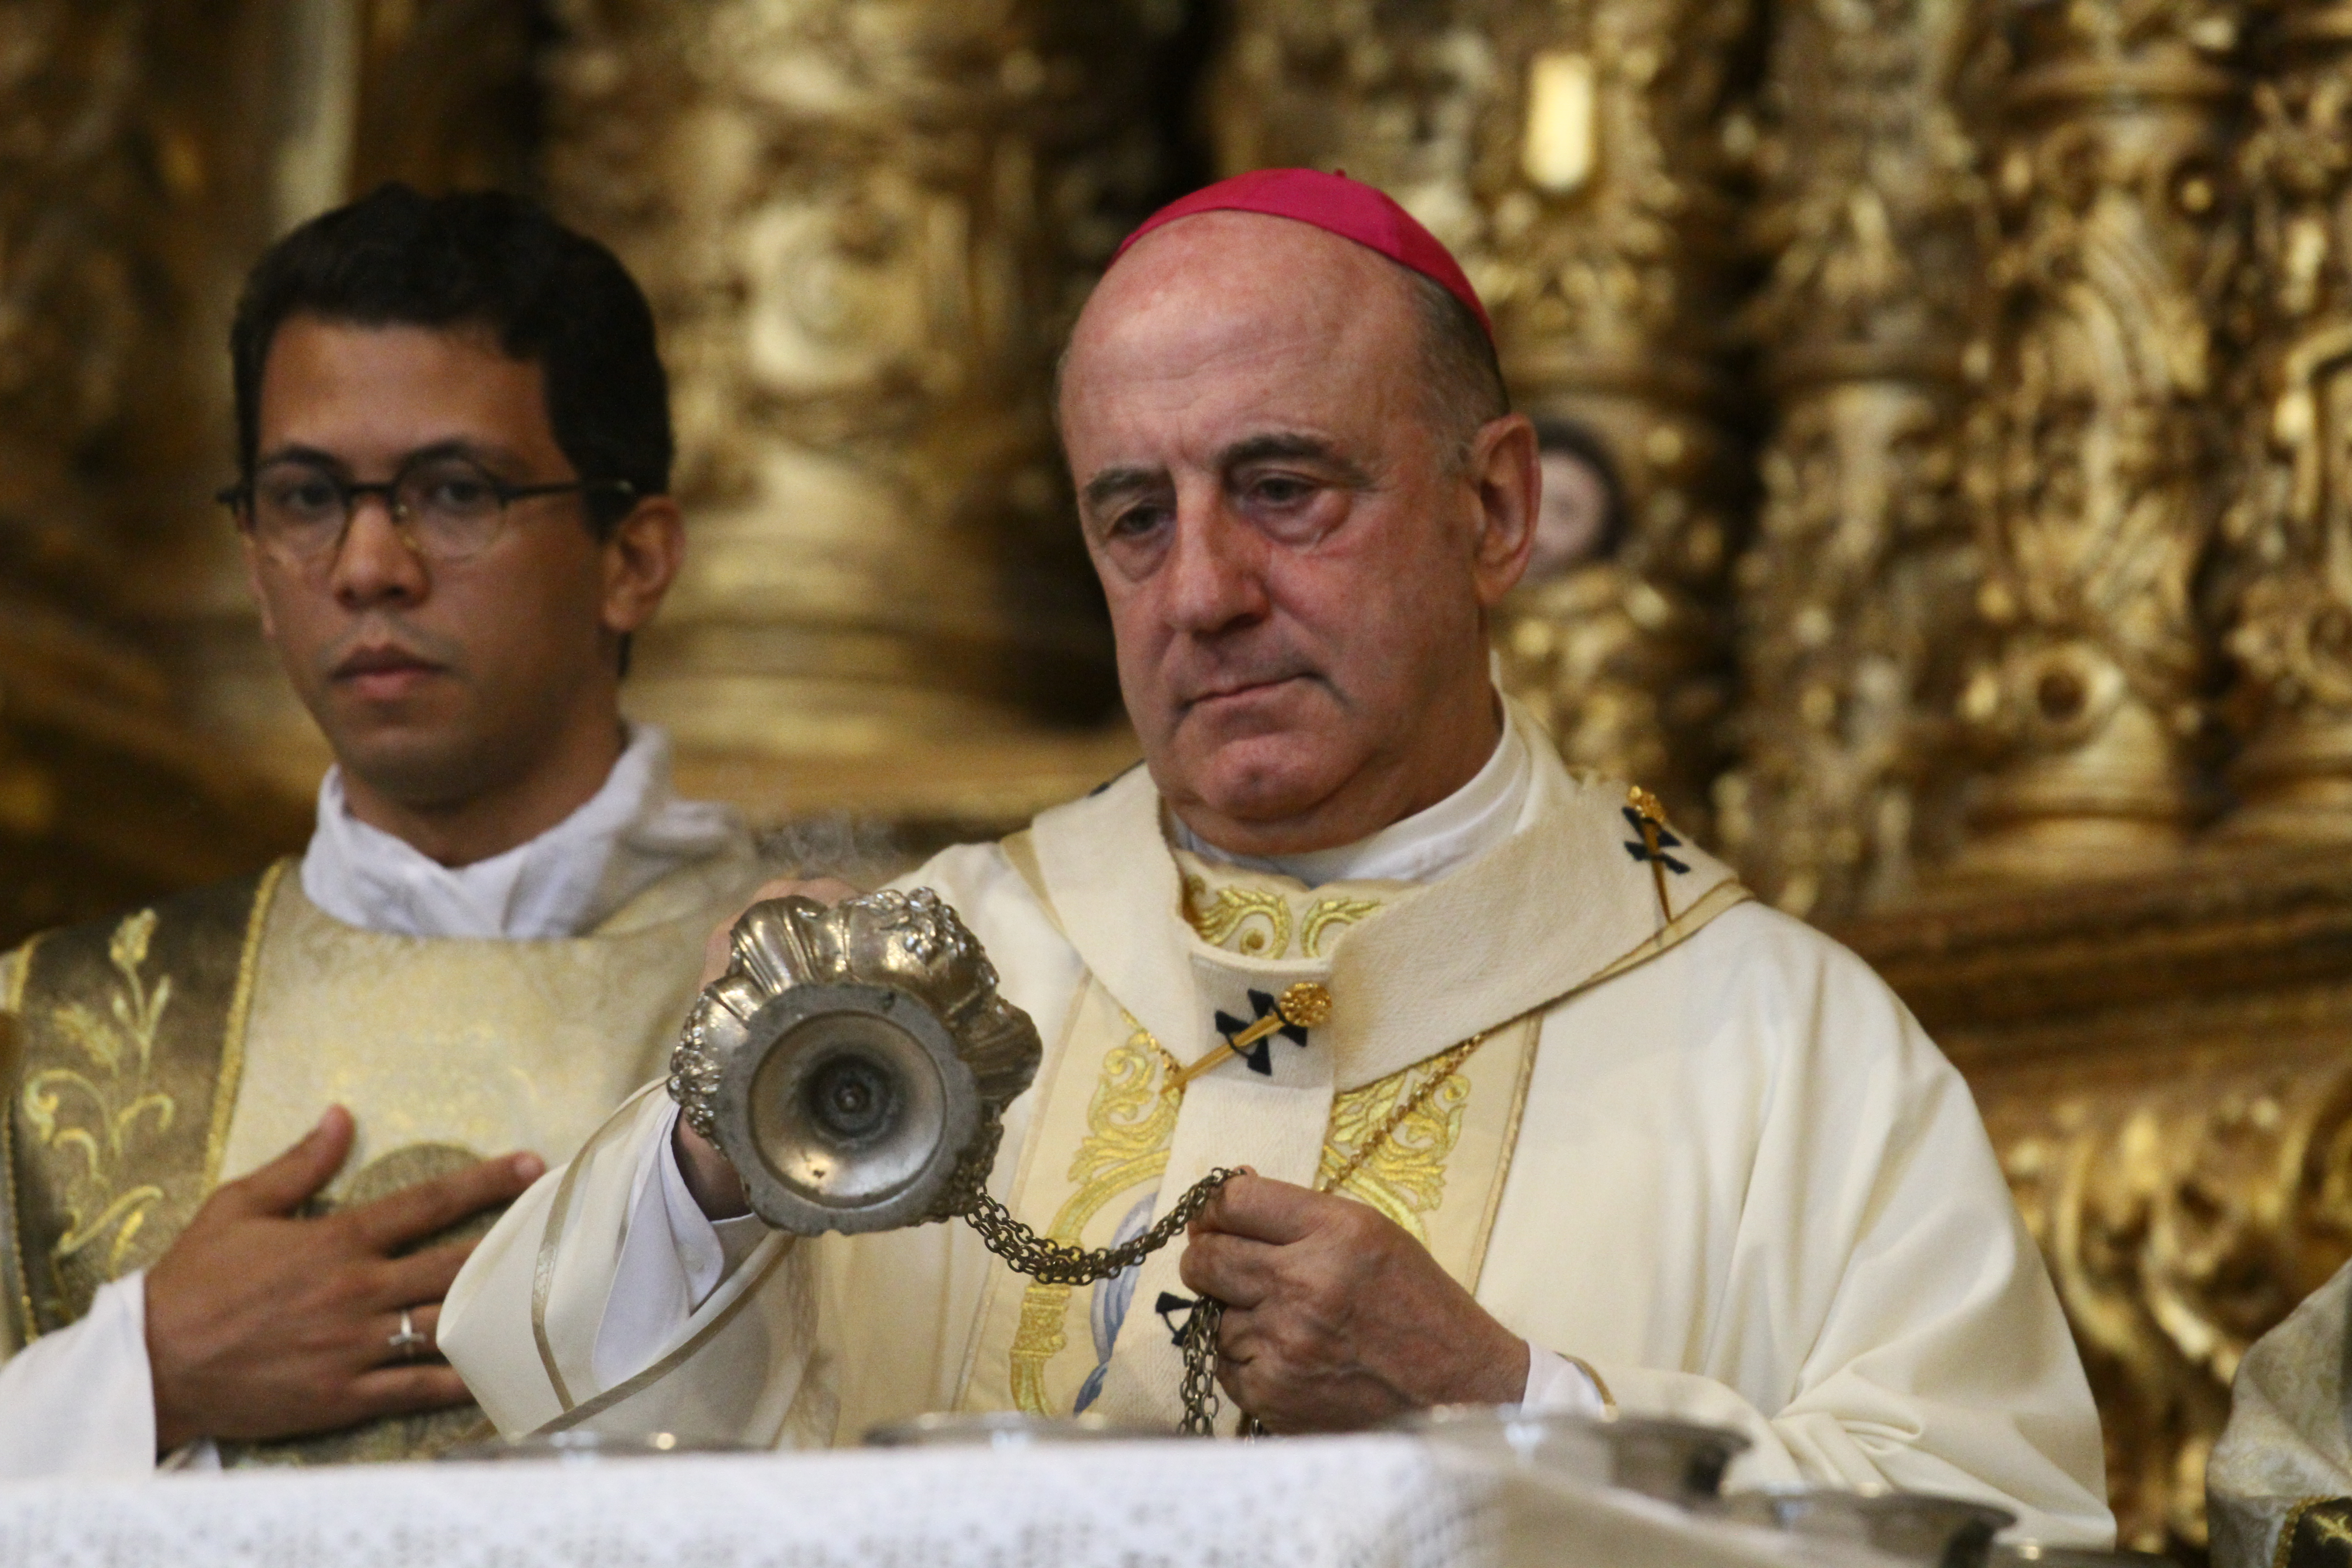 Aniversário de 75 anos de Dom Murilo Krieger e reabertura da Catedral Basílica, em 2018